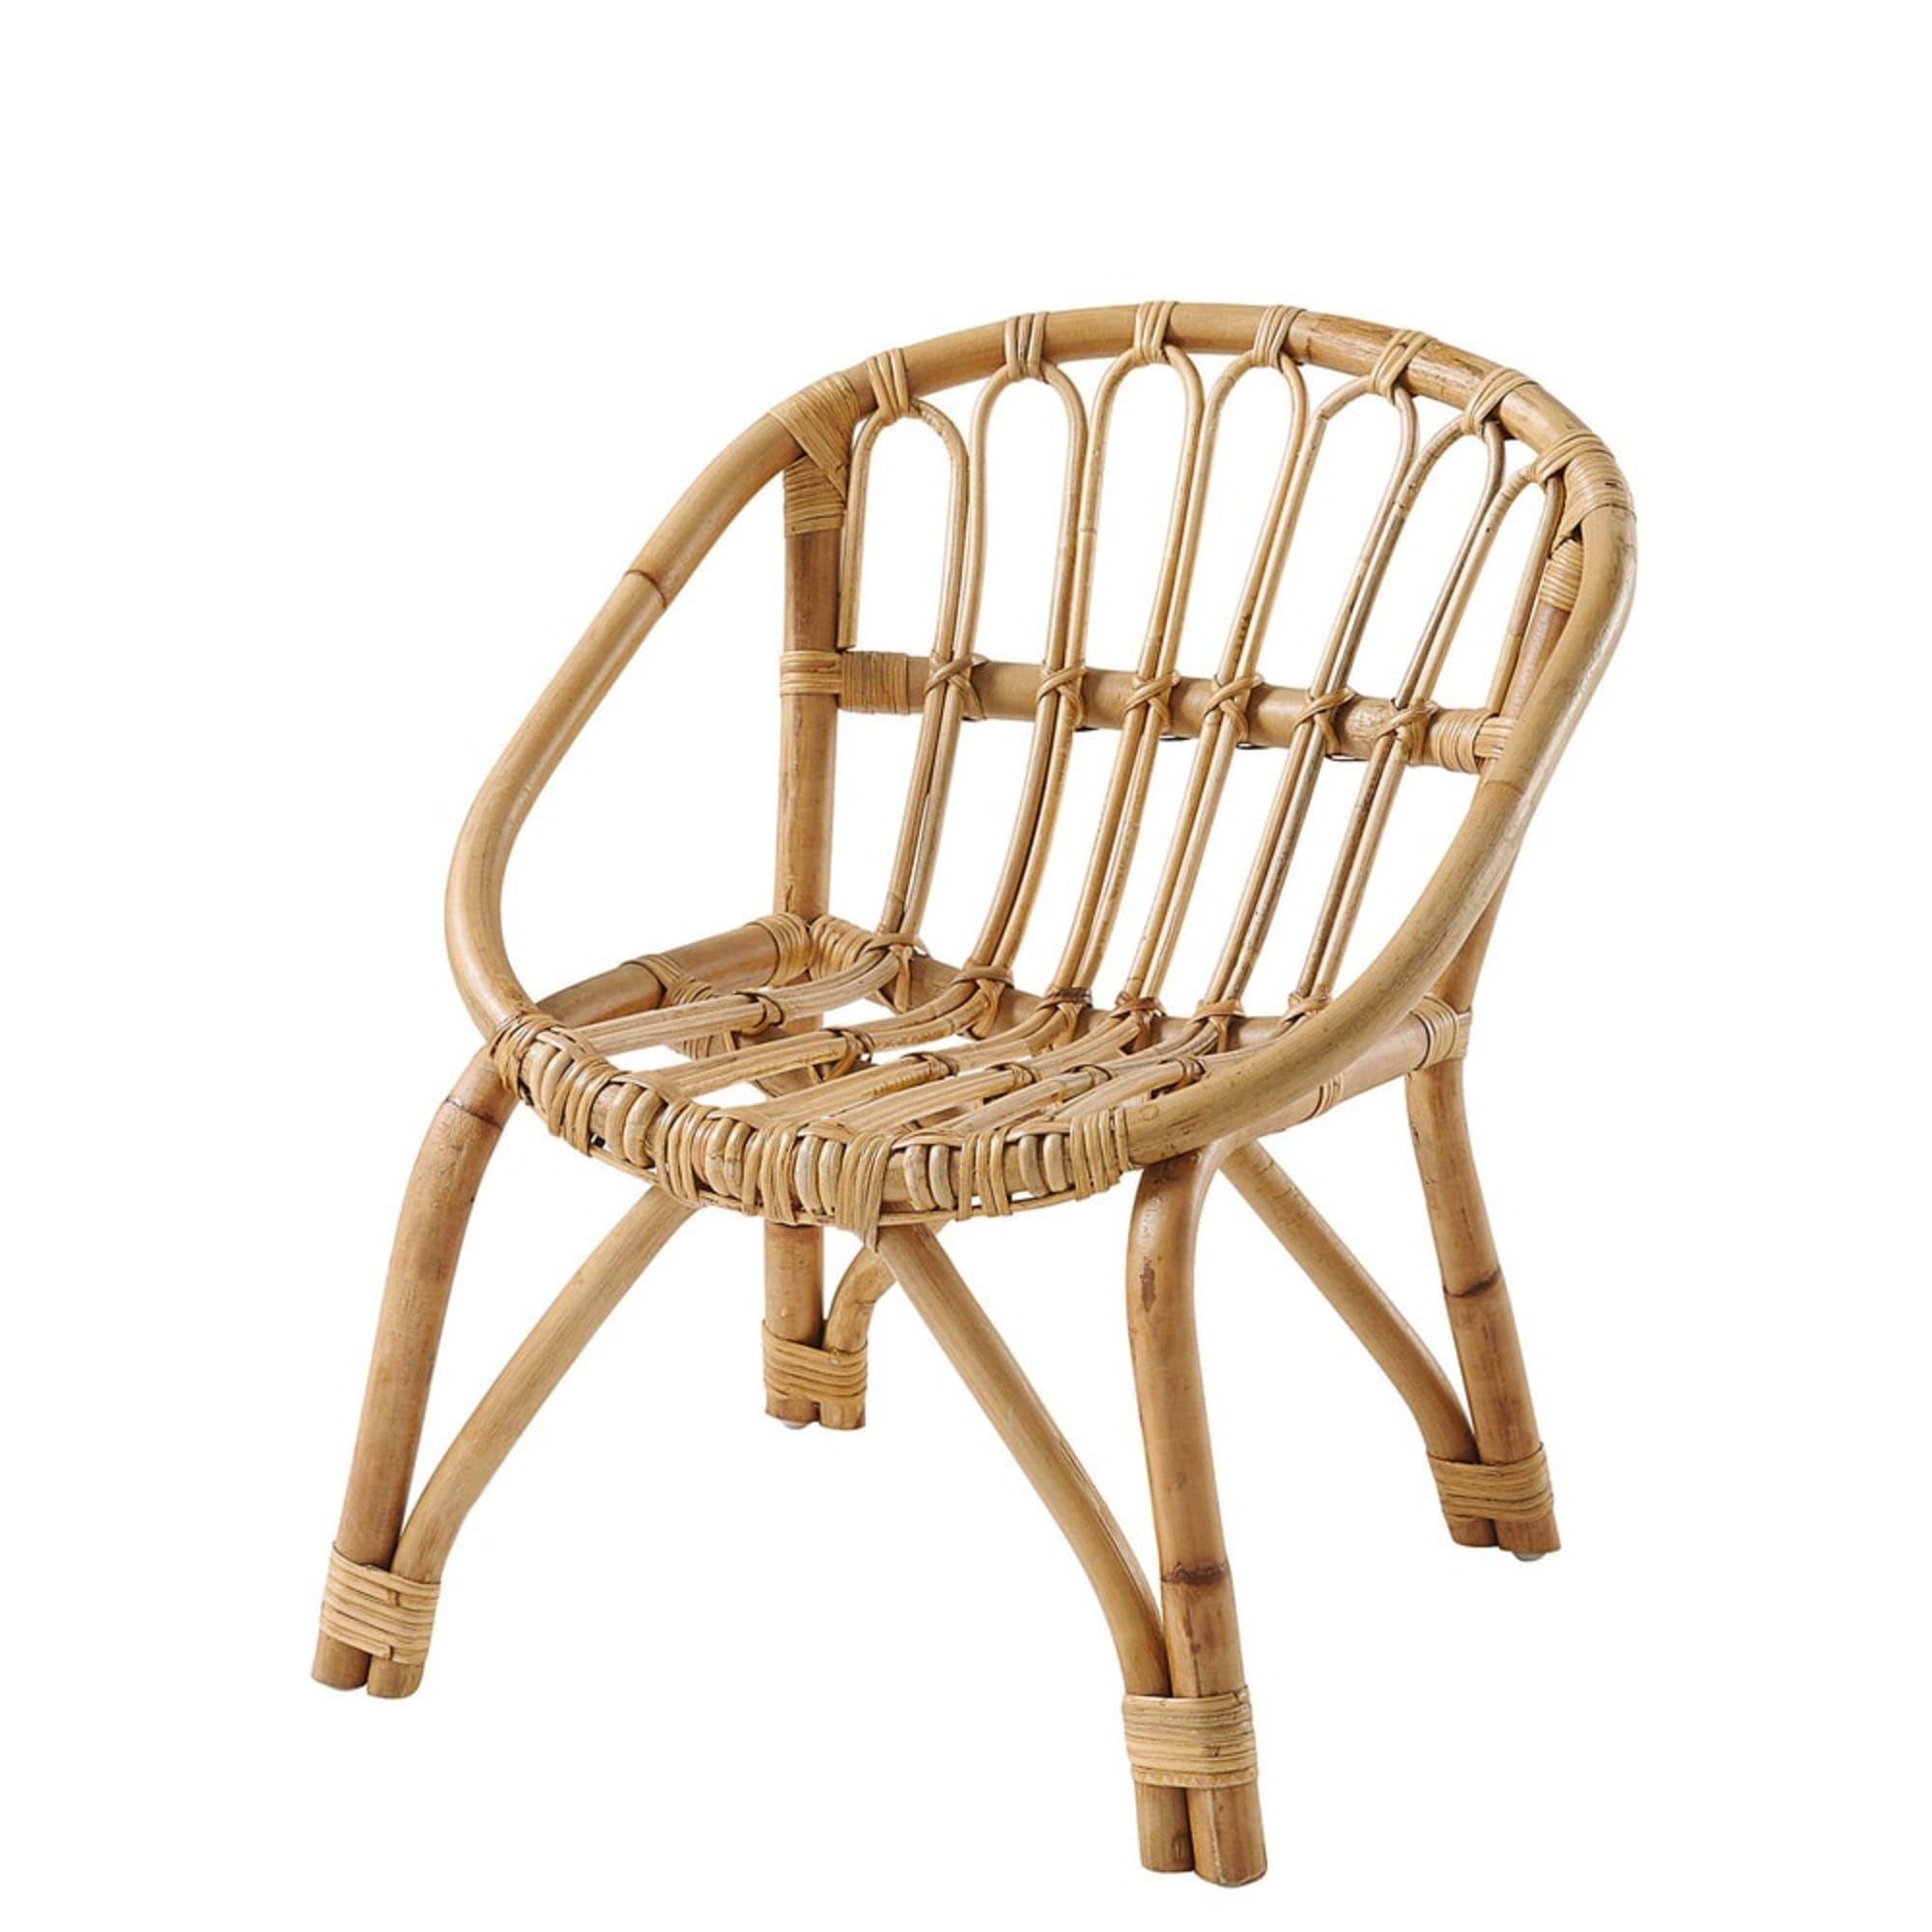 Https Medias Maisonsdumonde Com Image Upload Q Auto F Auto W 2000 Img Child S Rattan Chair 1000 2 34 159360 2 Jpg En 2020 Chaise Enfant Chaise Rotin Fauteuil Osier